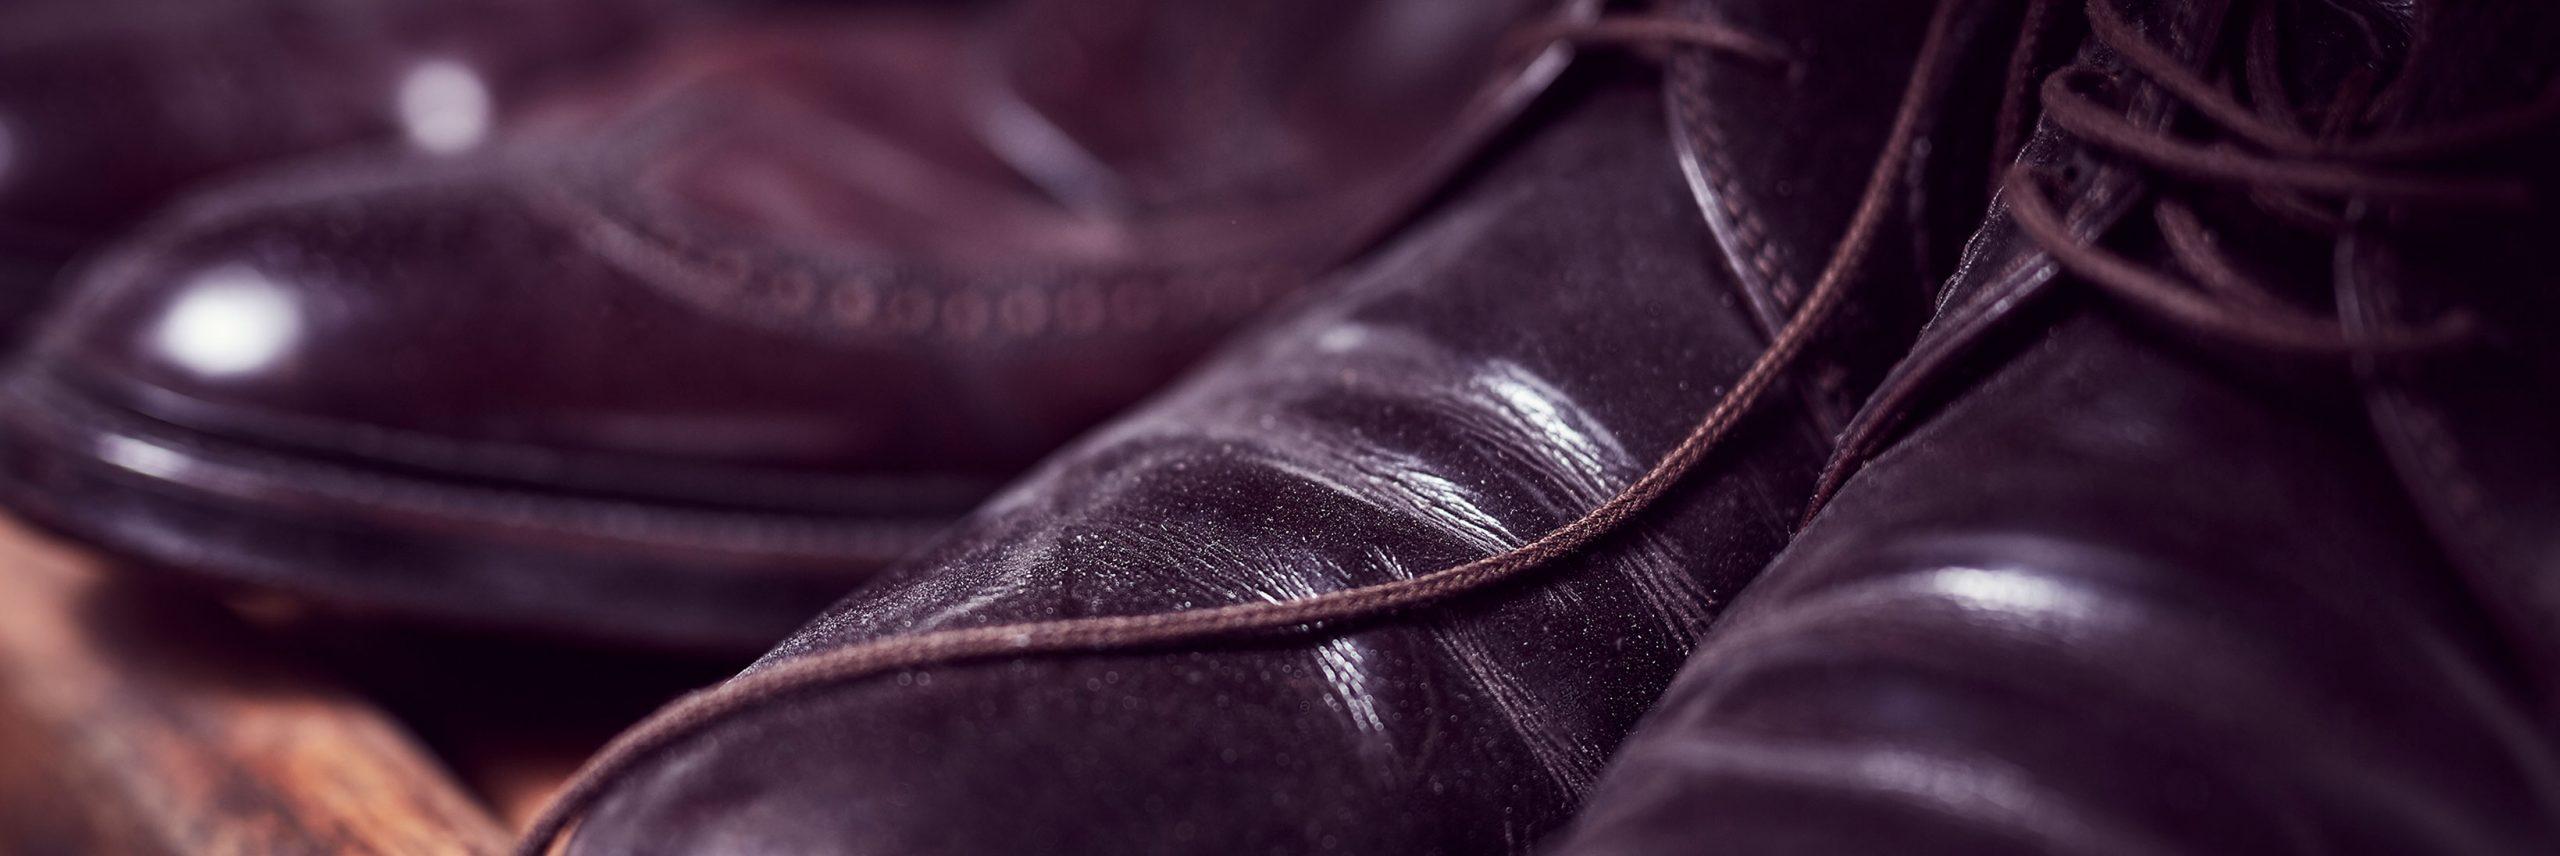 shoe repairs sydney